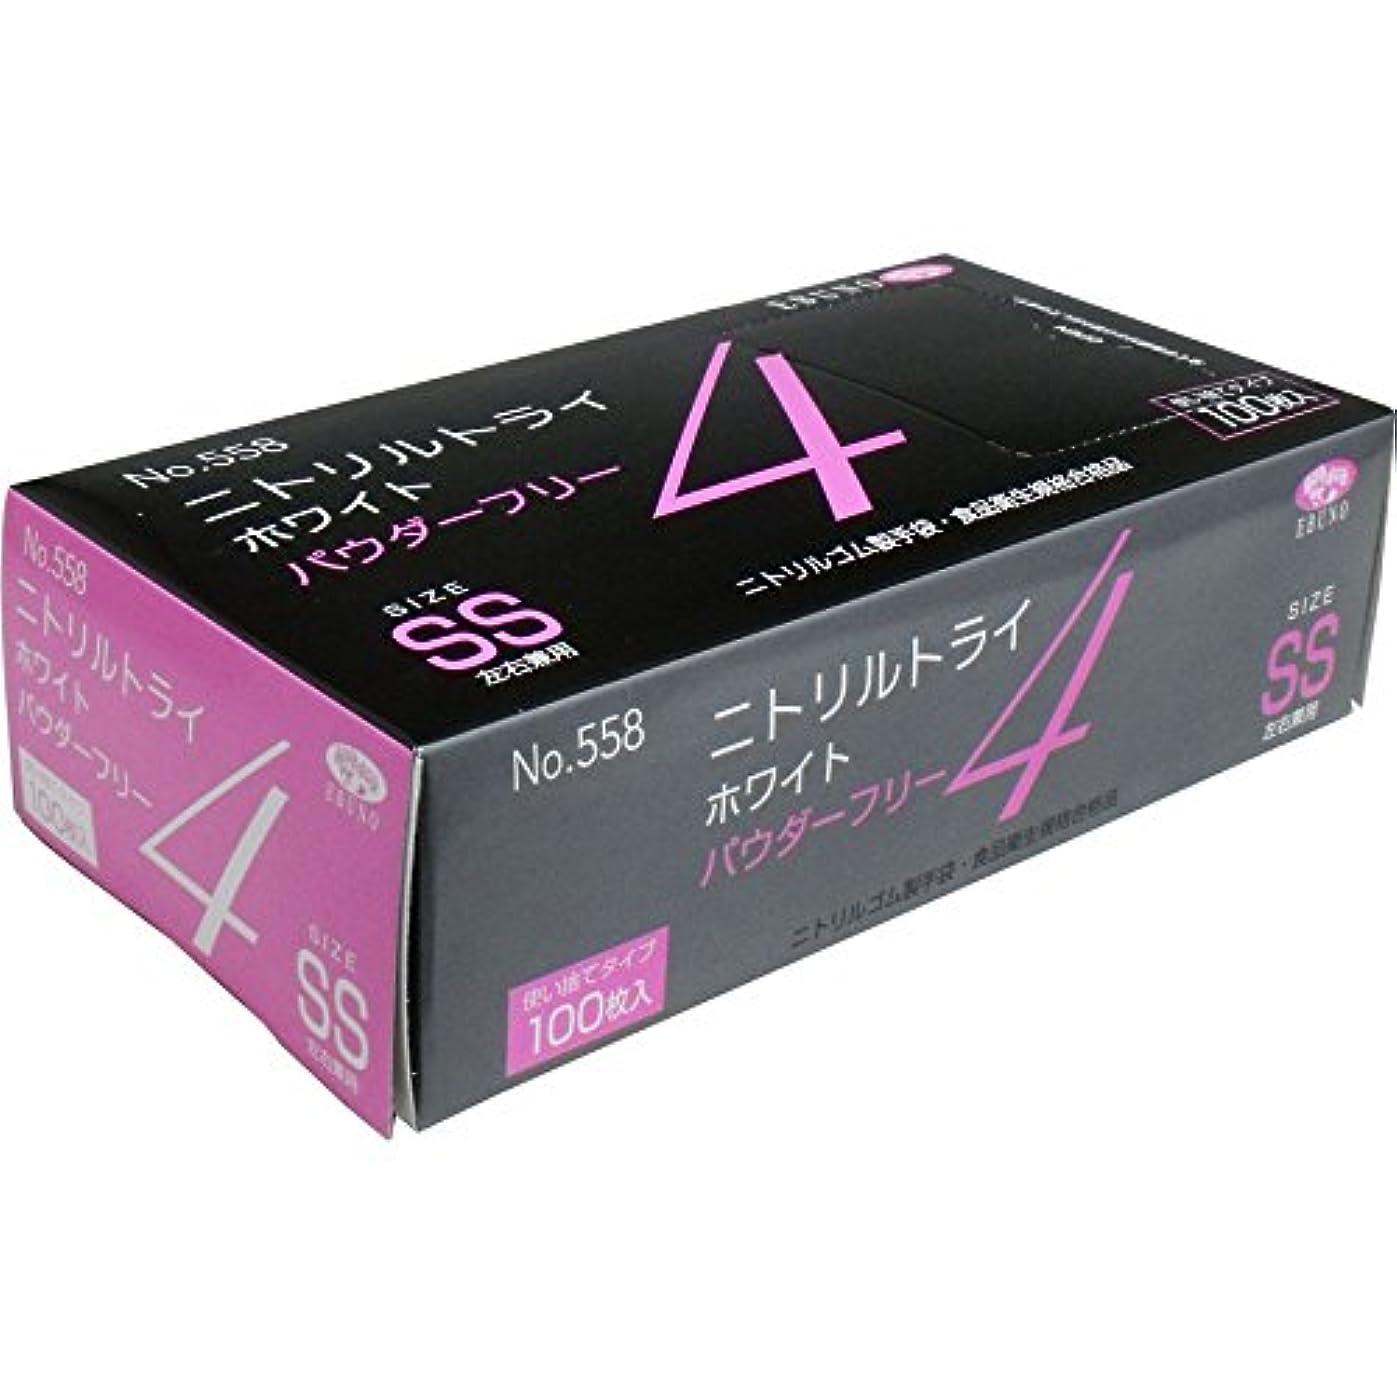 ニトリルトライ4 手袋 ホワイト パウダーフリー SSサイズ 100枚入(単品)